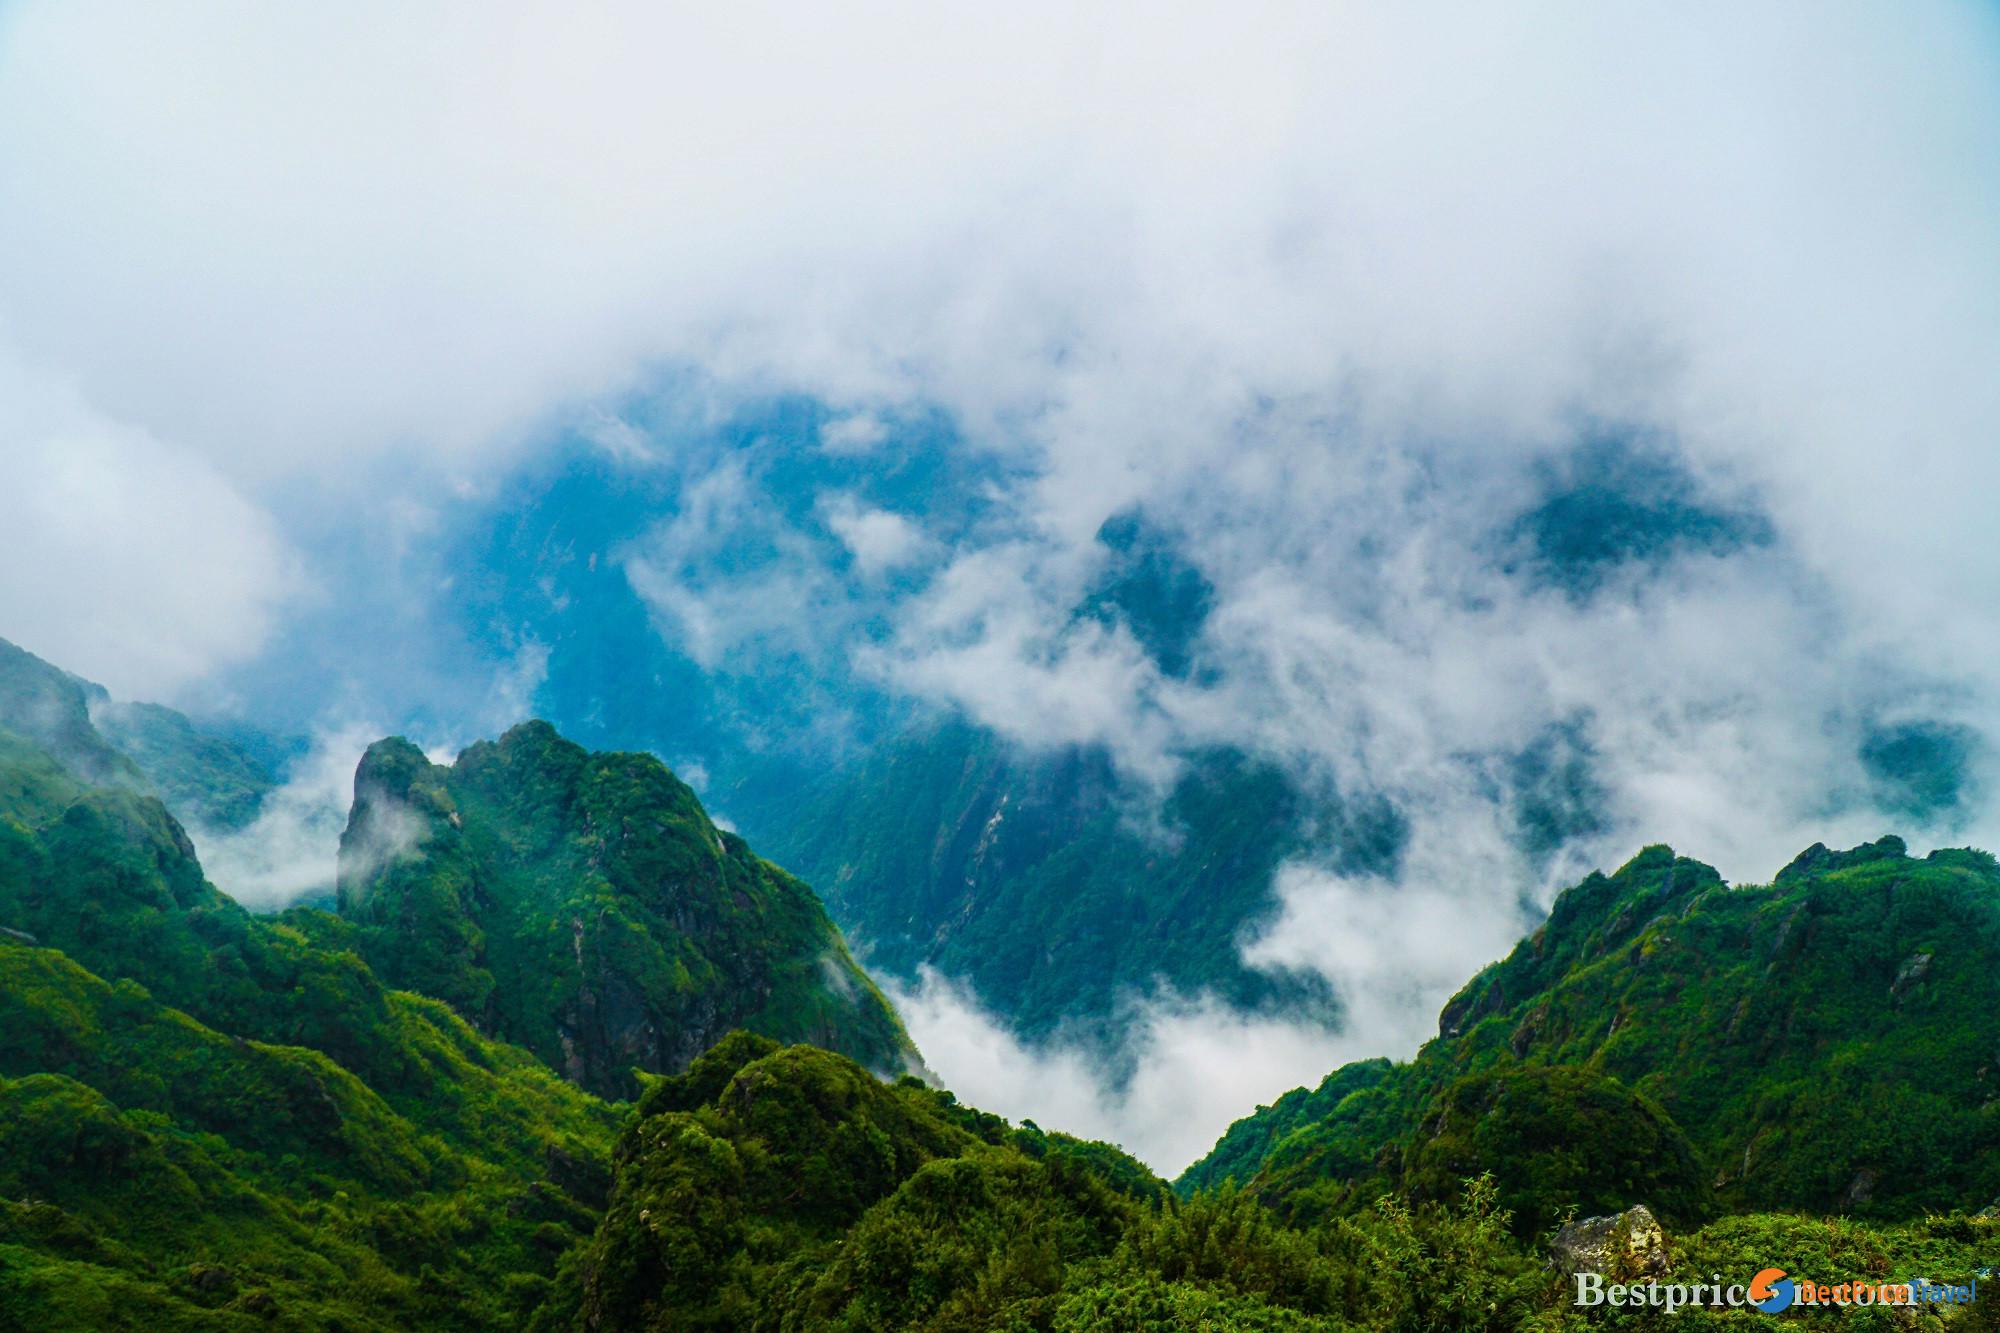 View from Fansipan Peak